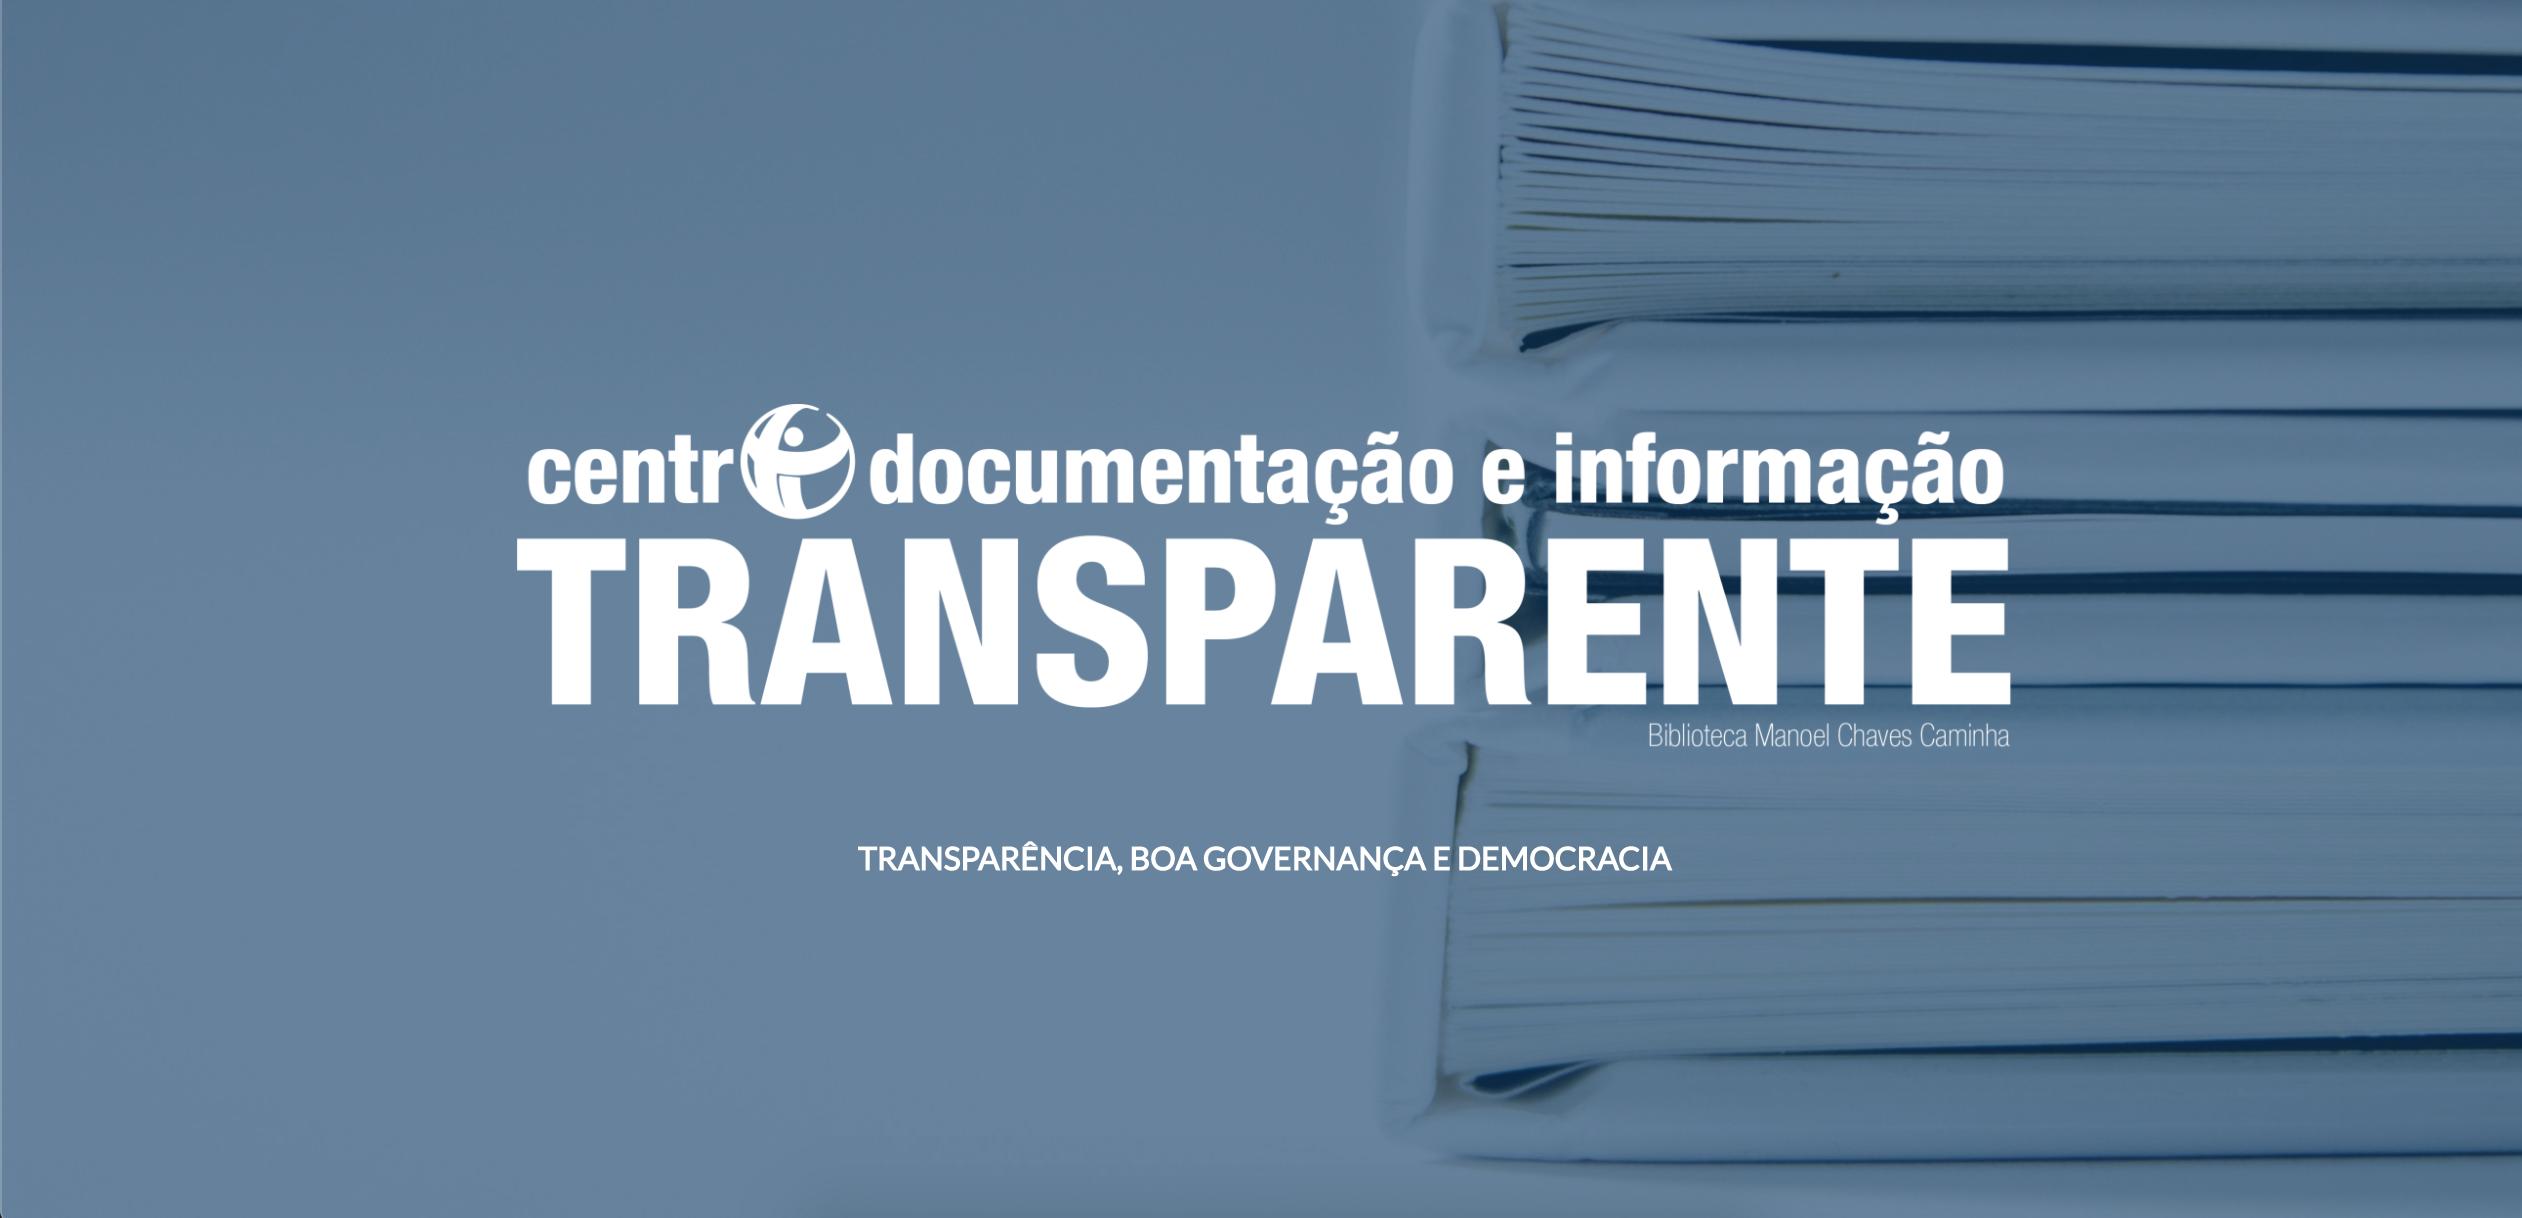 Centro de Documentação e Informação Transparente